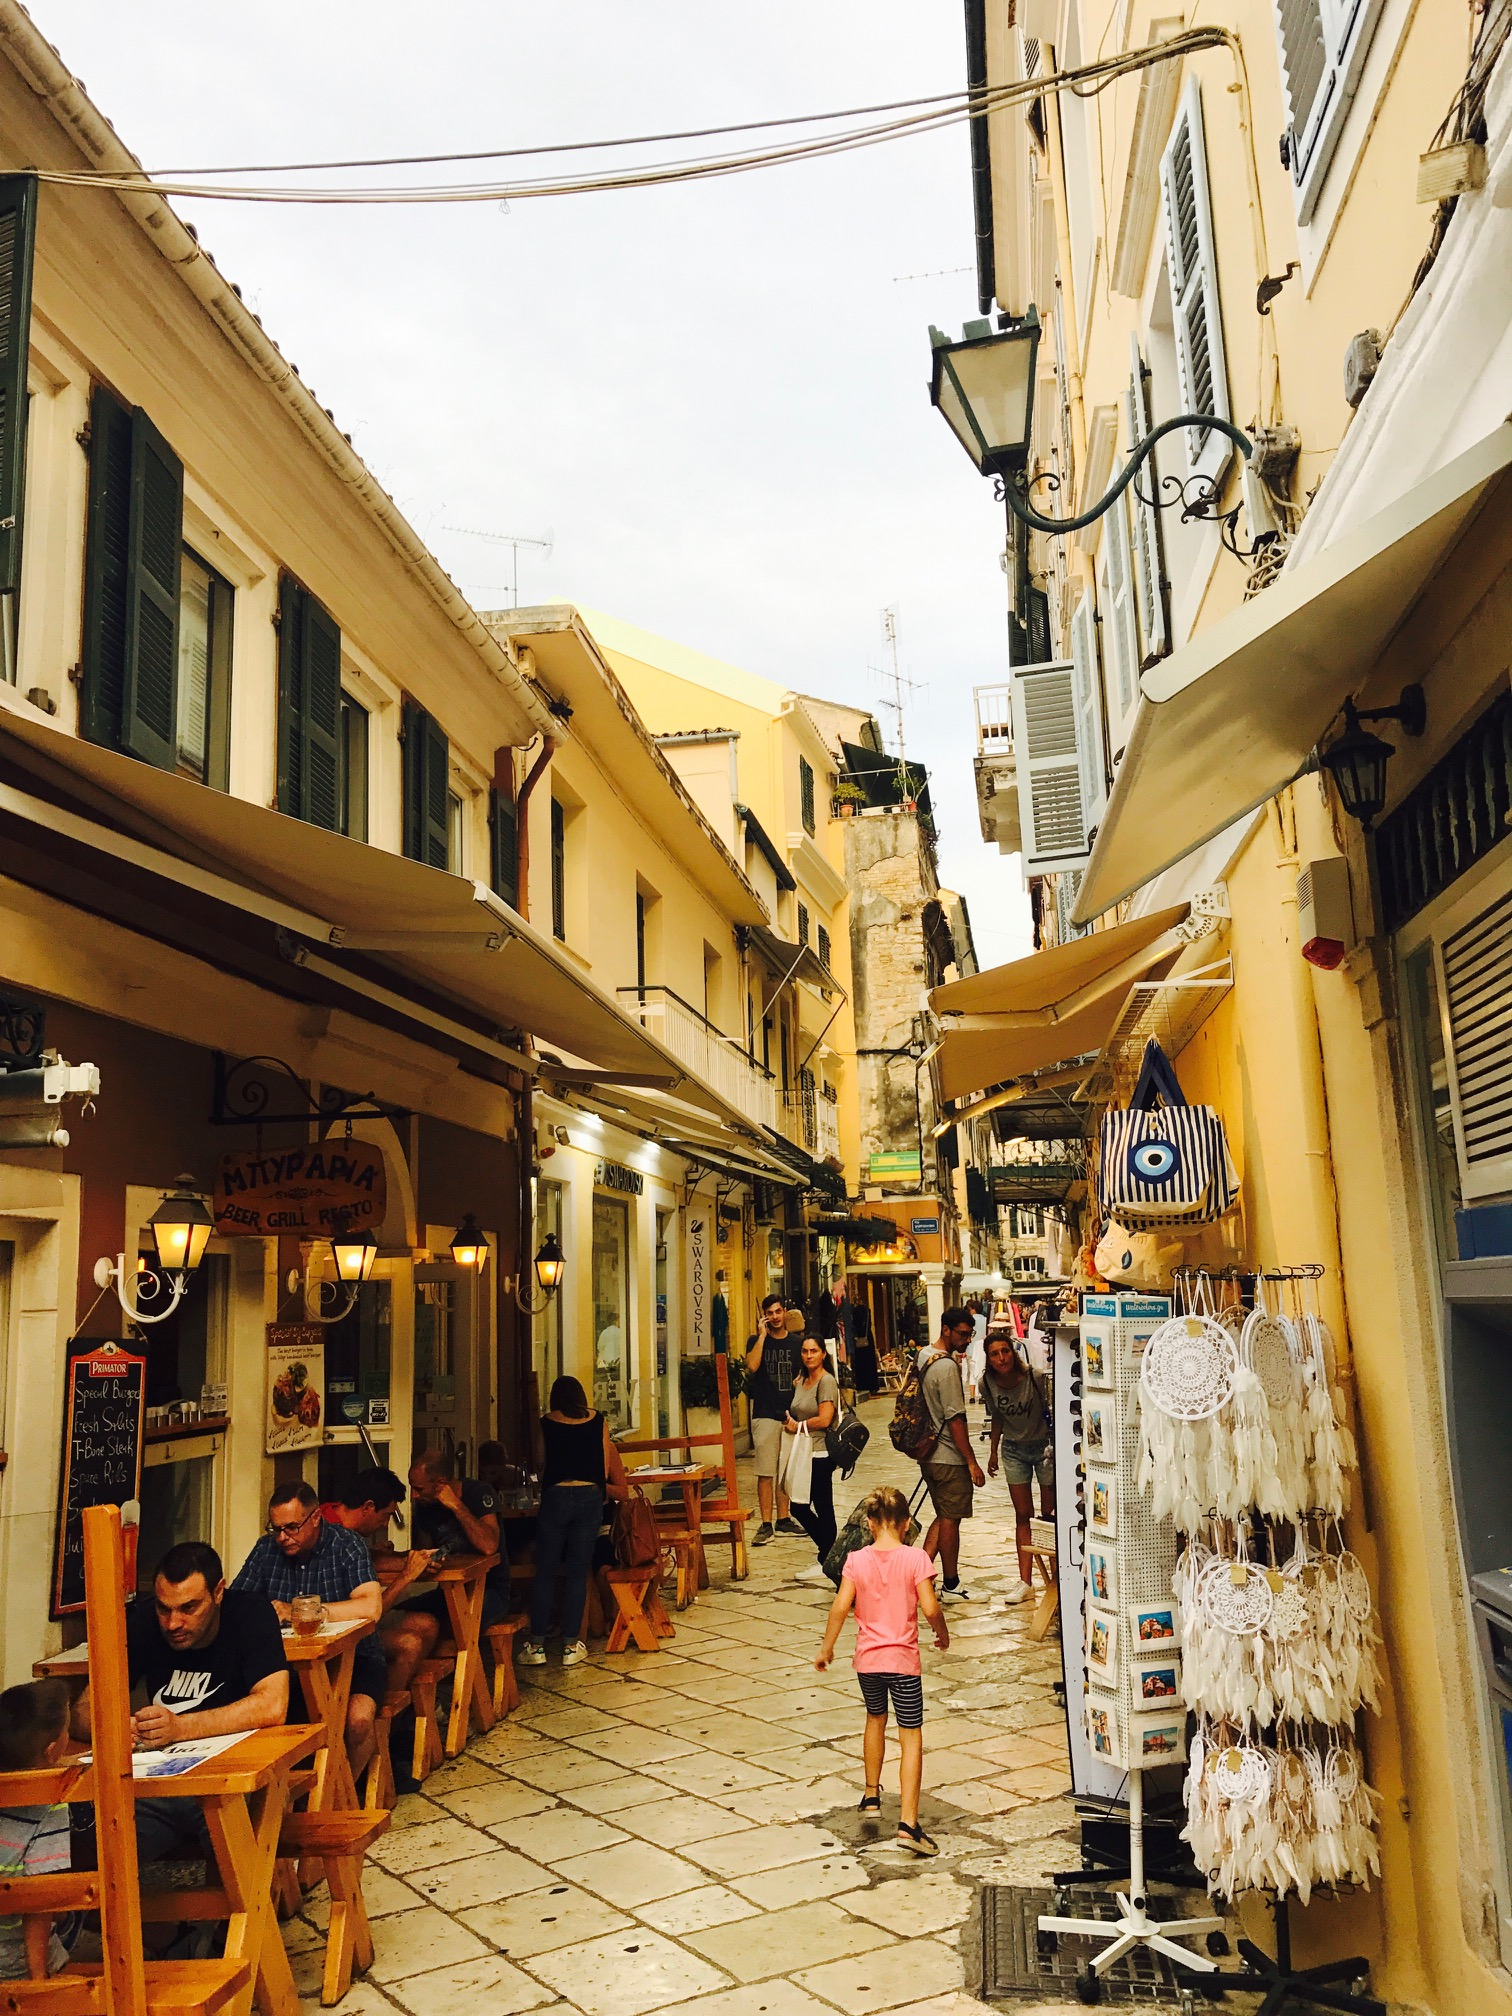 Blick in eine Altstadtgasse auf Korfu, Griechenland